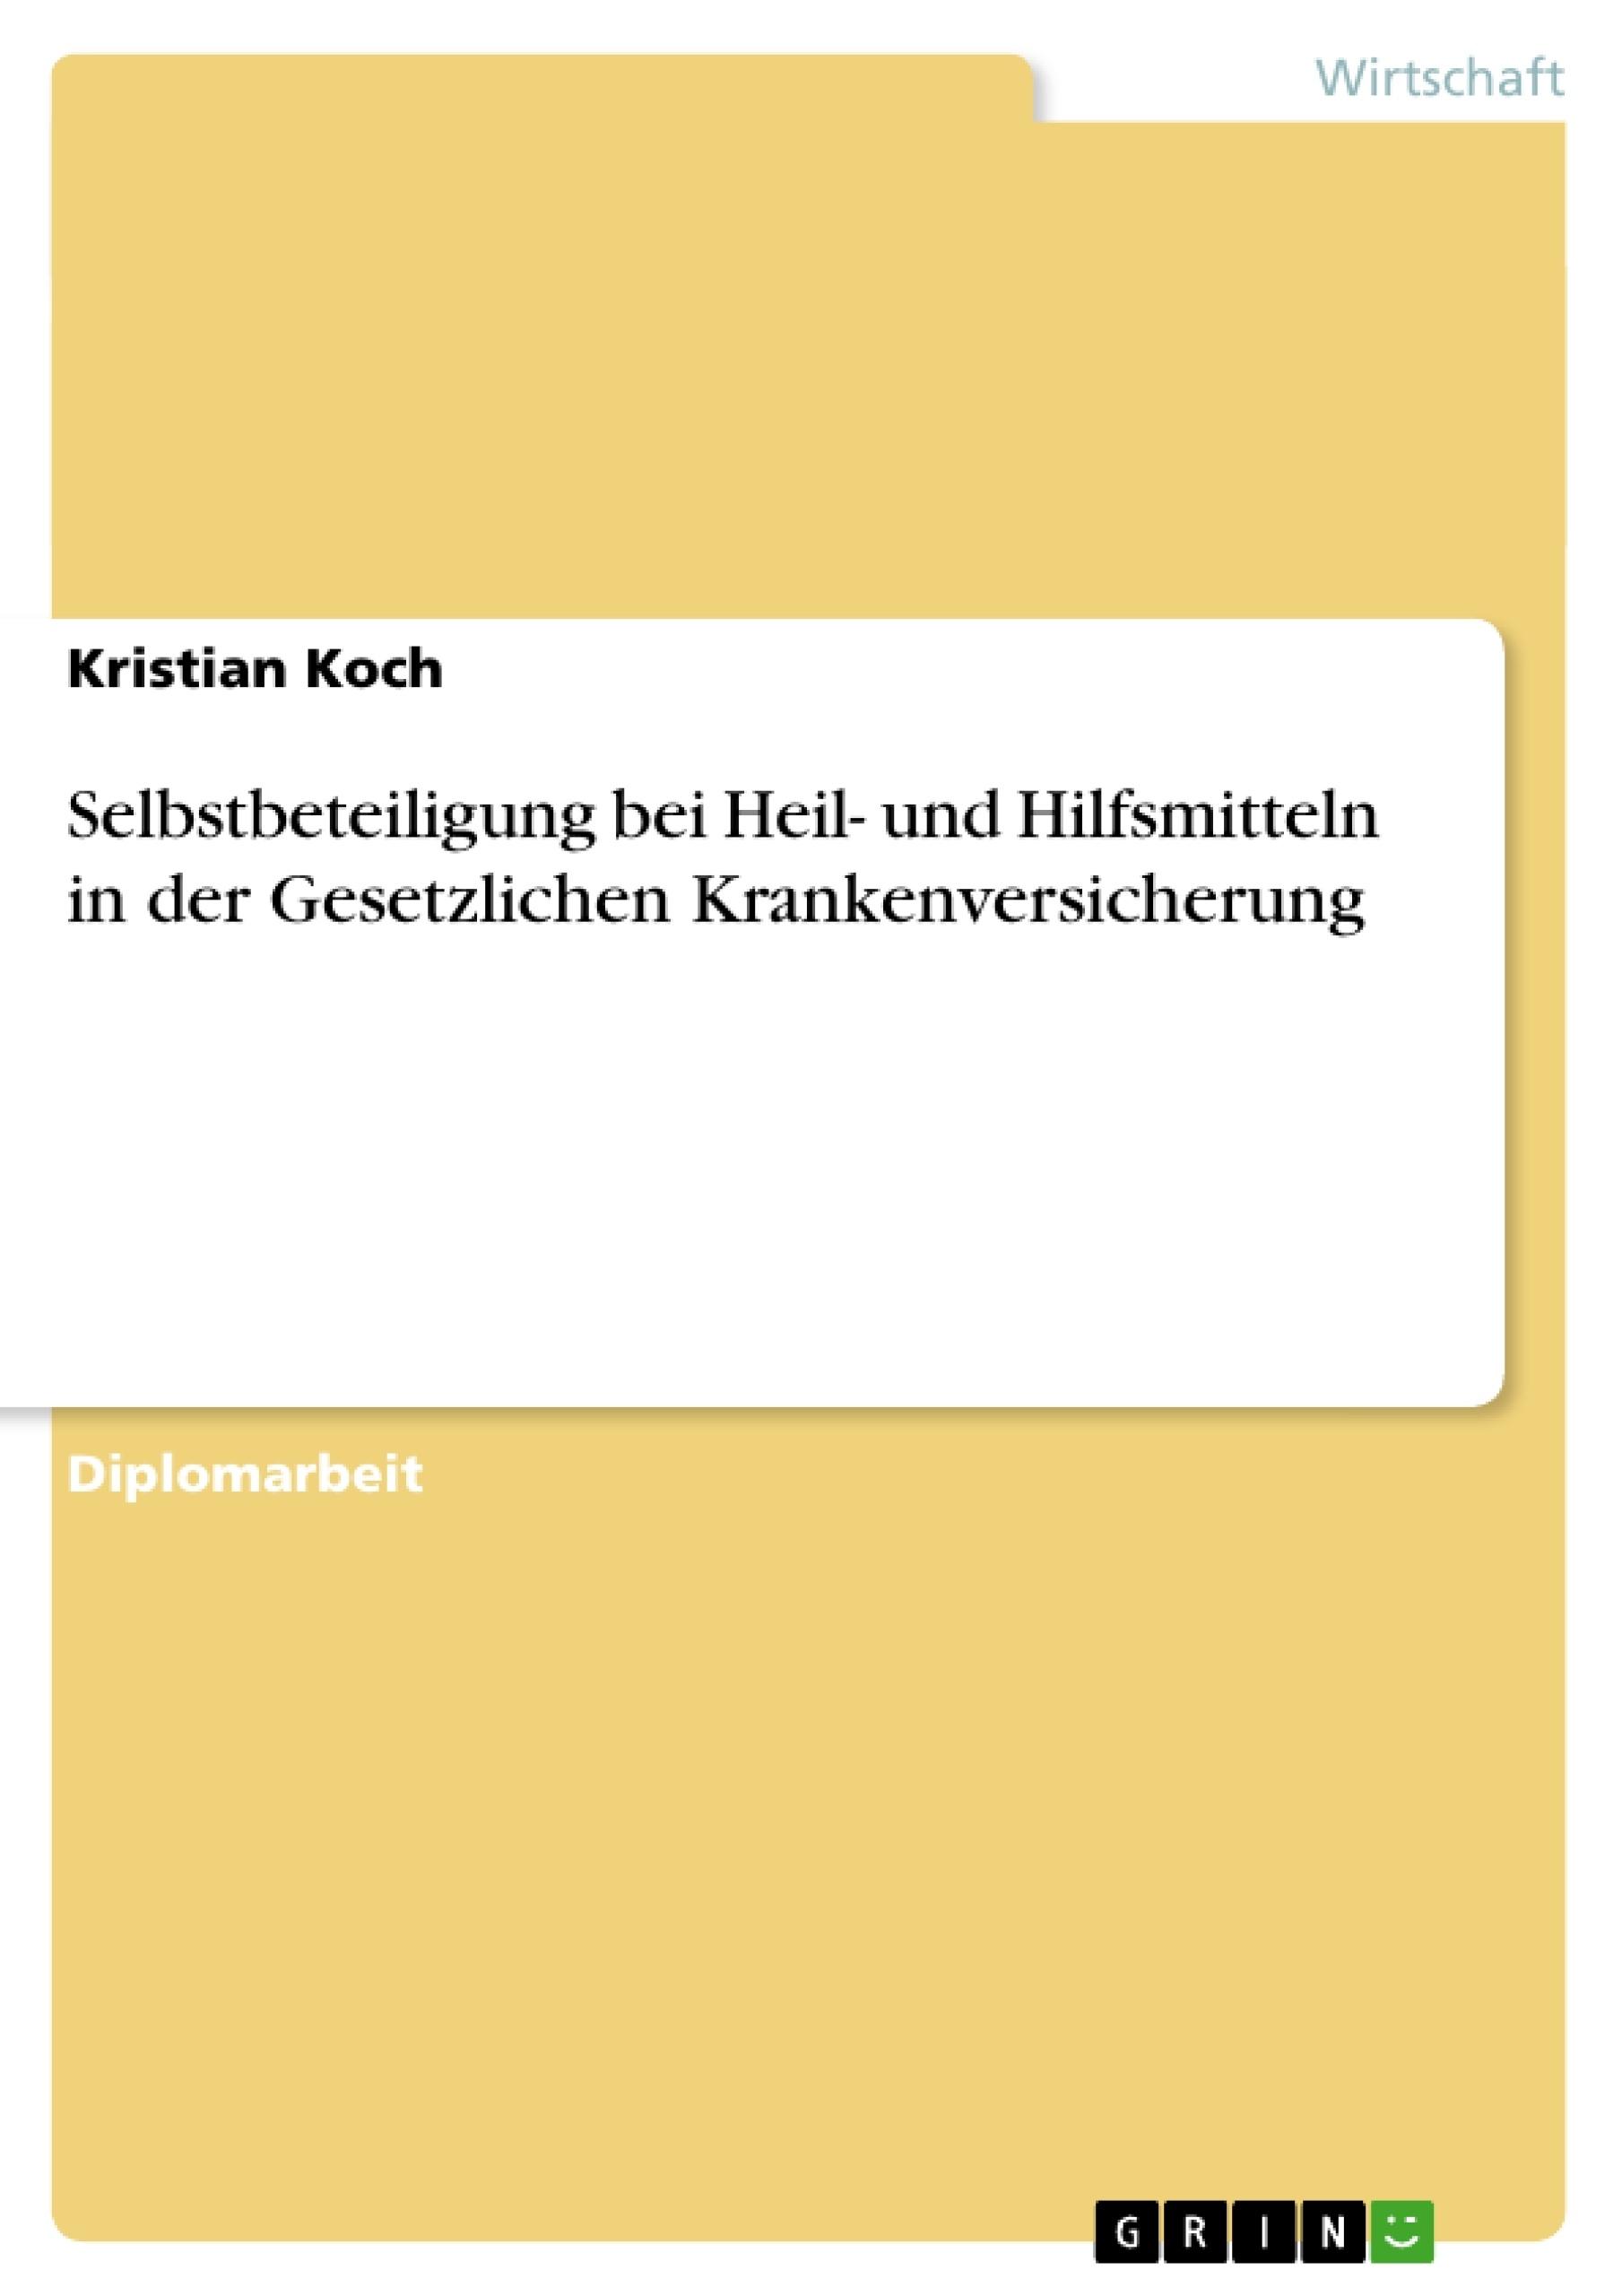 Titel: Selbstbeteiligung bei Heil- und Hilfsmitteln in der Gesetzlichen Krankenversicherung